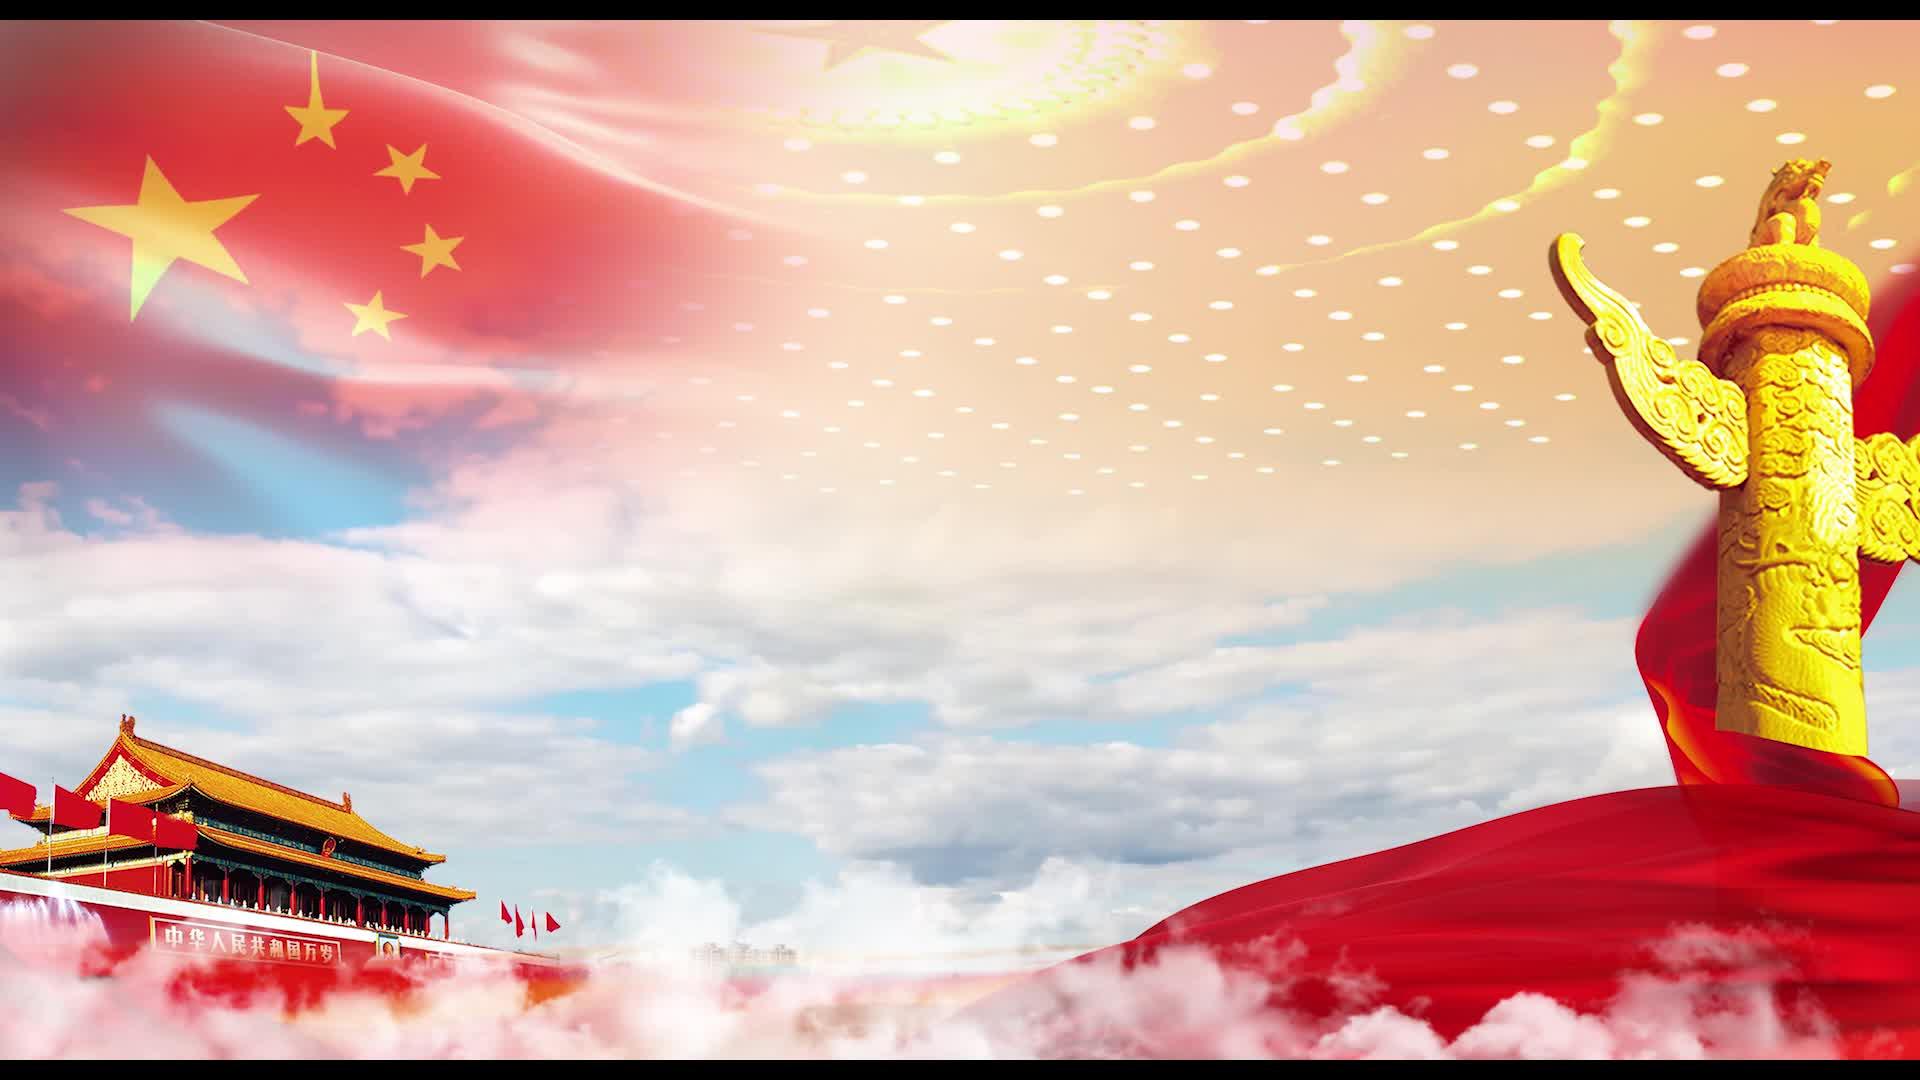 红色党政led视频背景素材